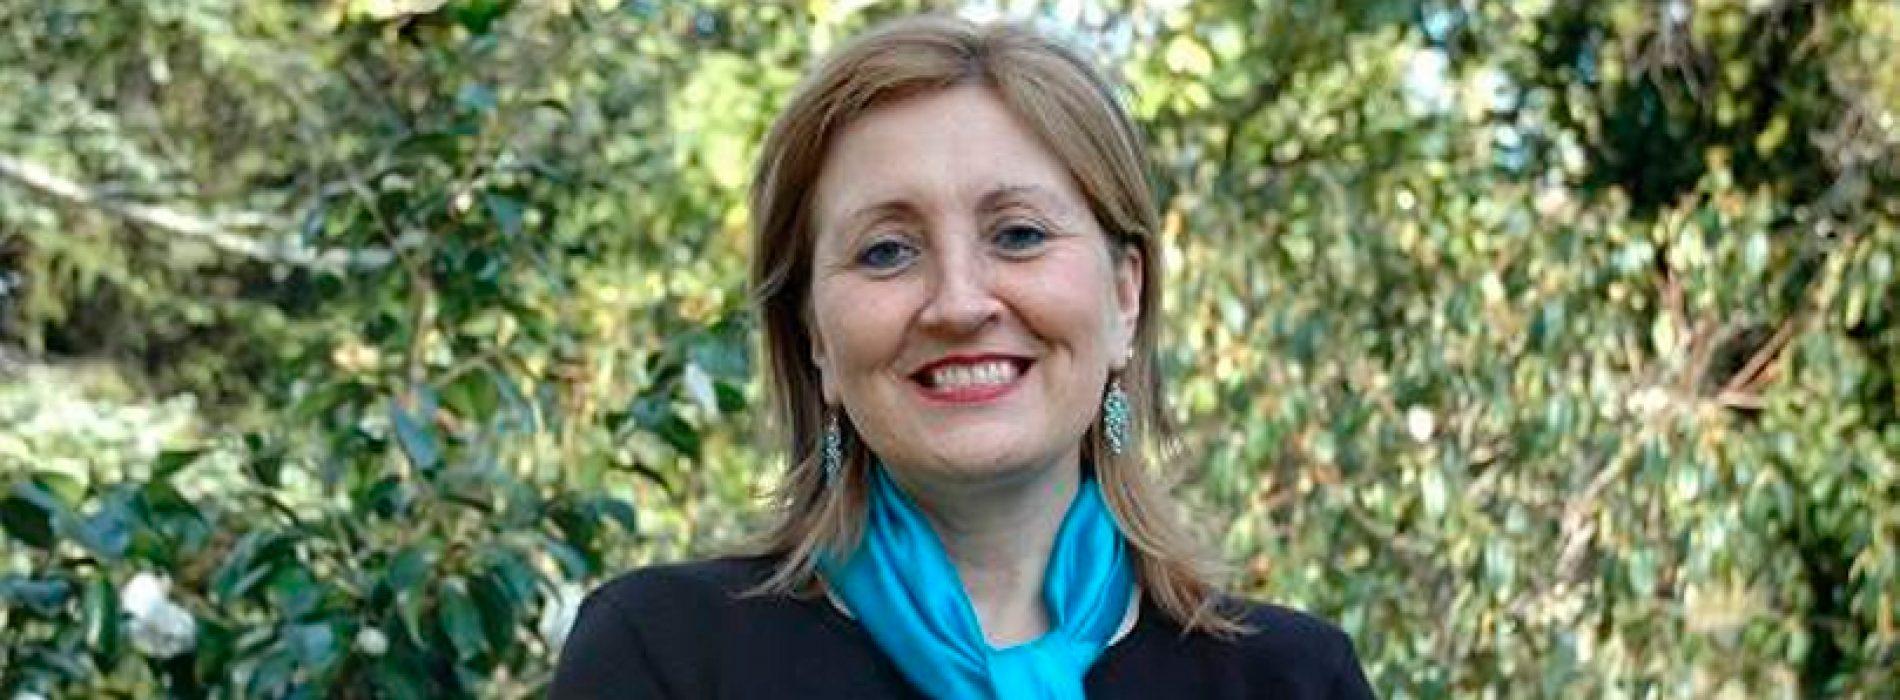 Ilona Concha se transforma en la primera mujer en alcanzar la categoría de Profesora Emérita en la Uach